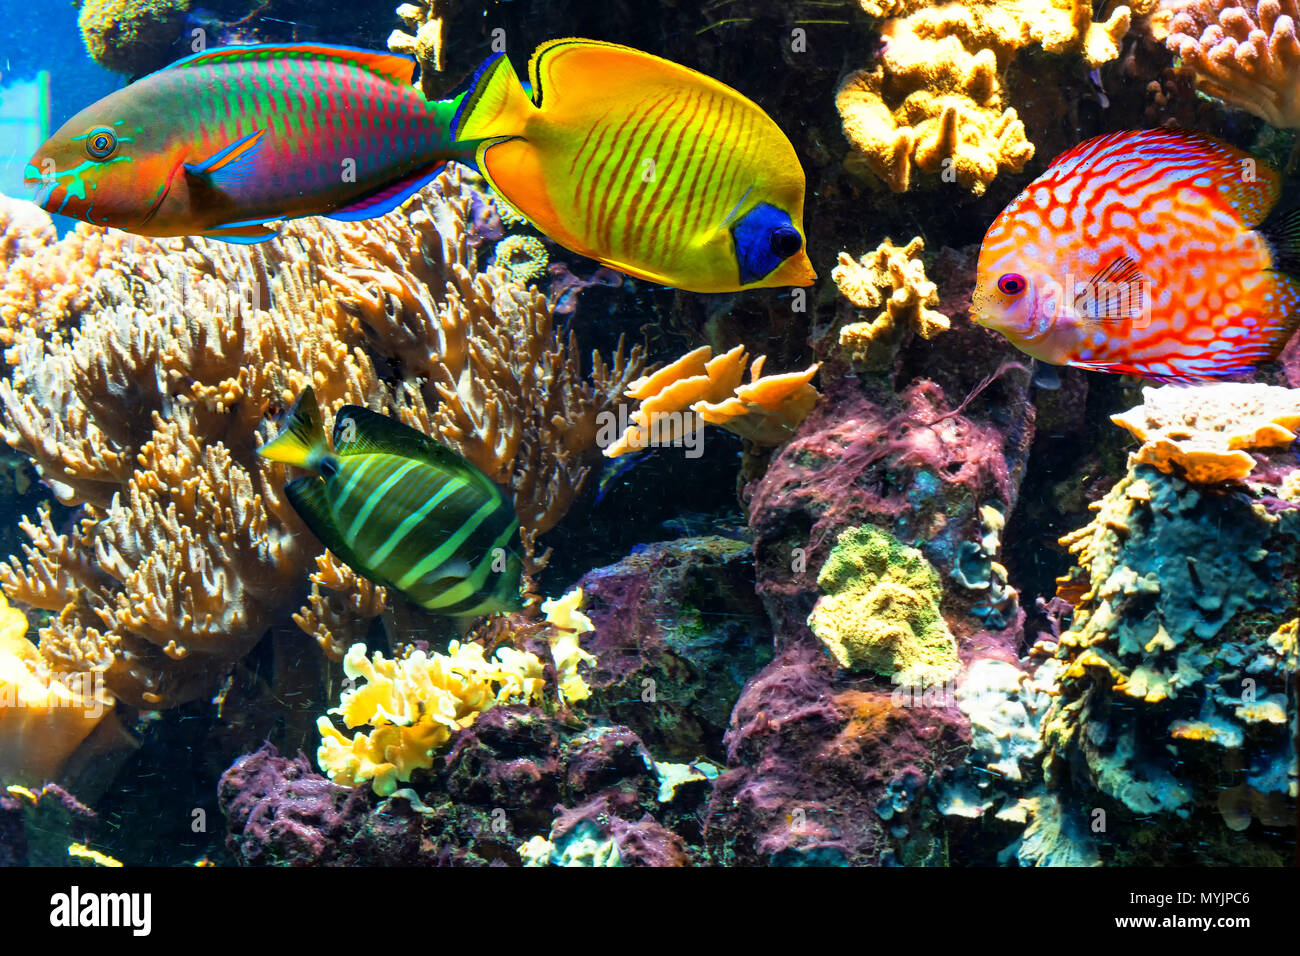 Unterwasserlandschaft im Meer mit exotische Fische und Korallenriffe. - Stock Image